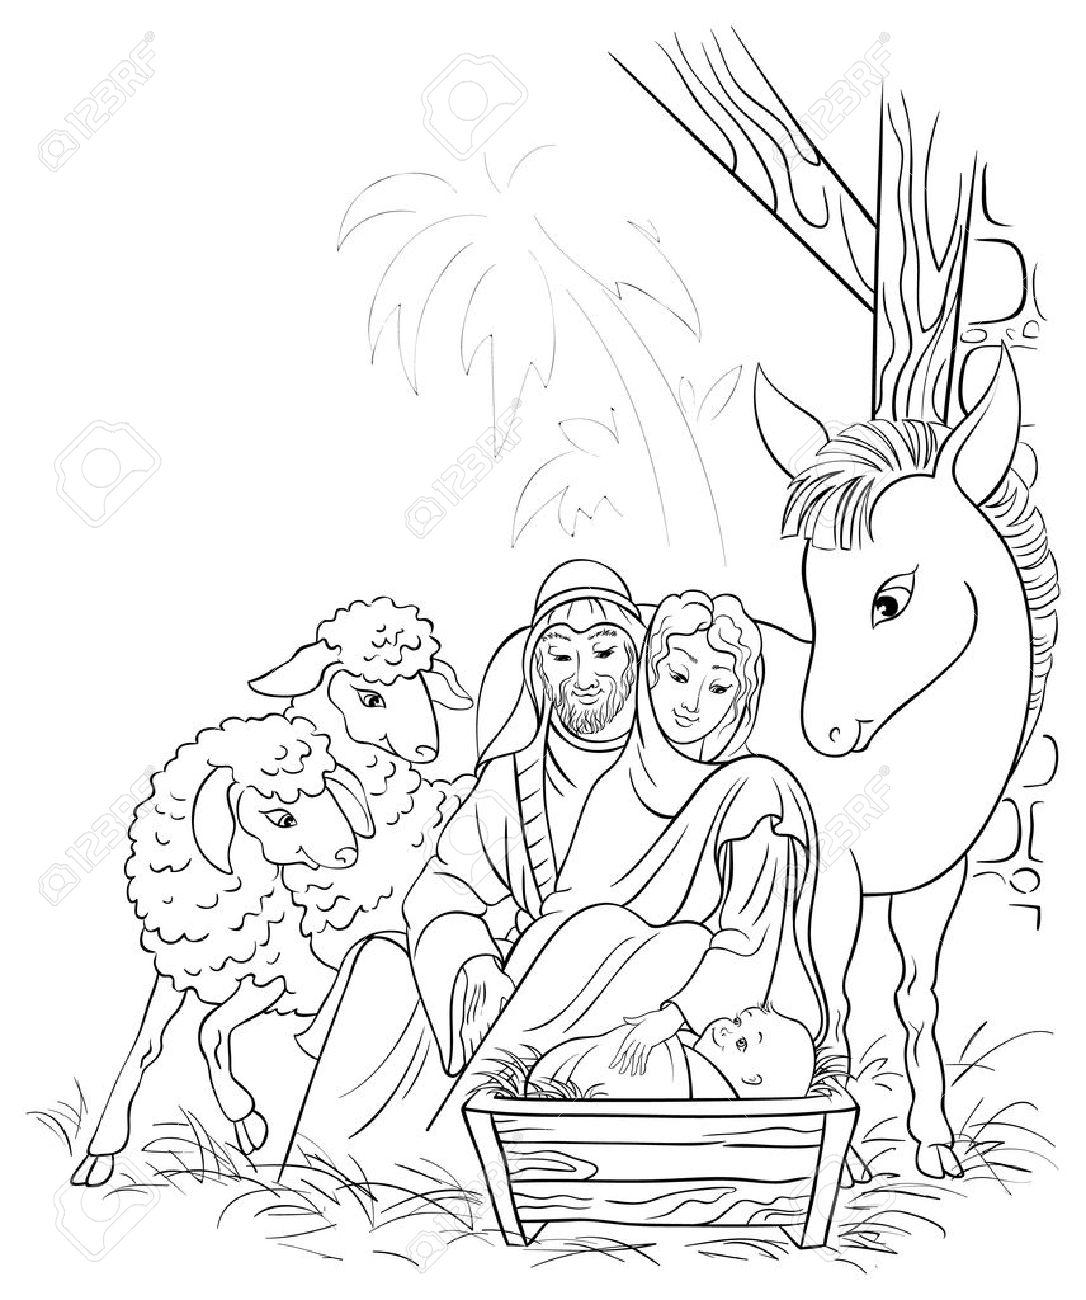 Ilustración En Blanco Y Negro De La Escena De La Natividad De La Navidad Con La Sagrada Familia